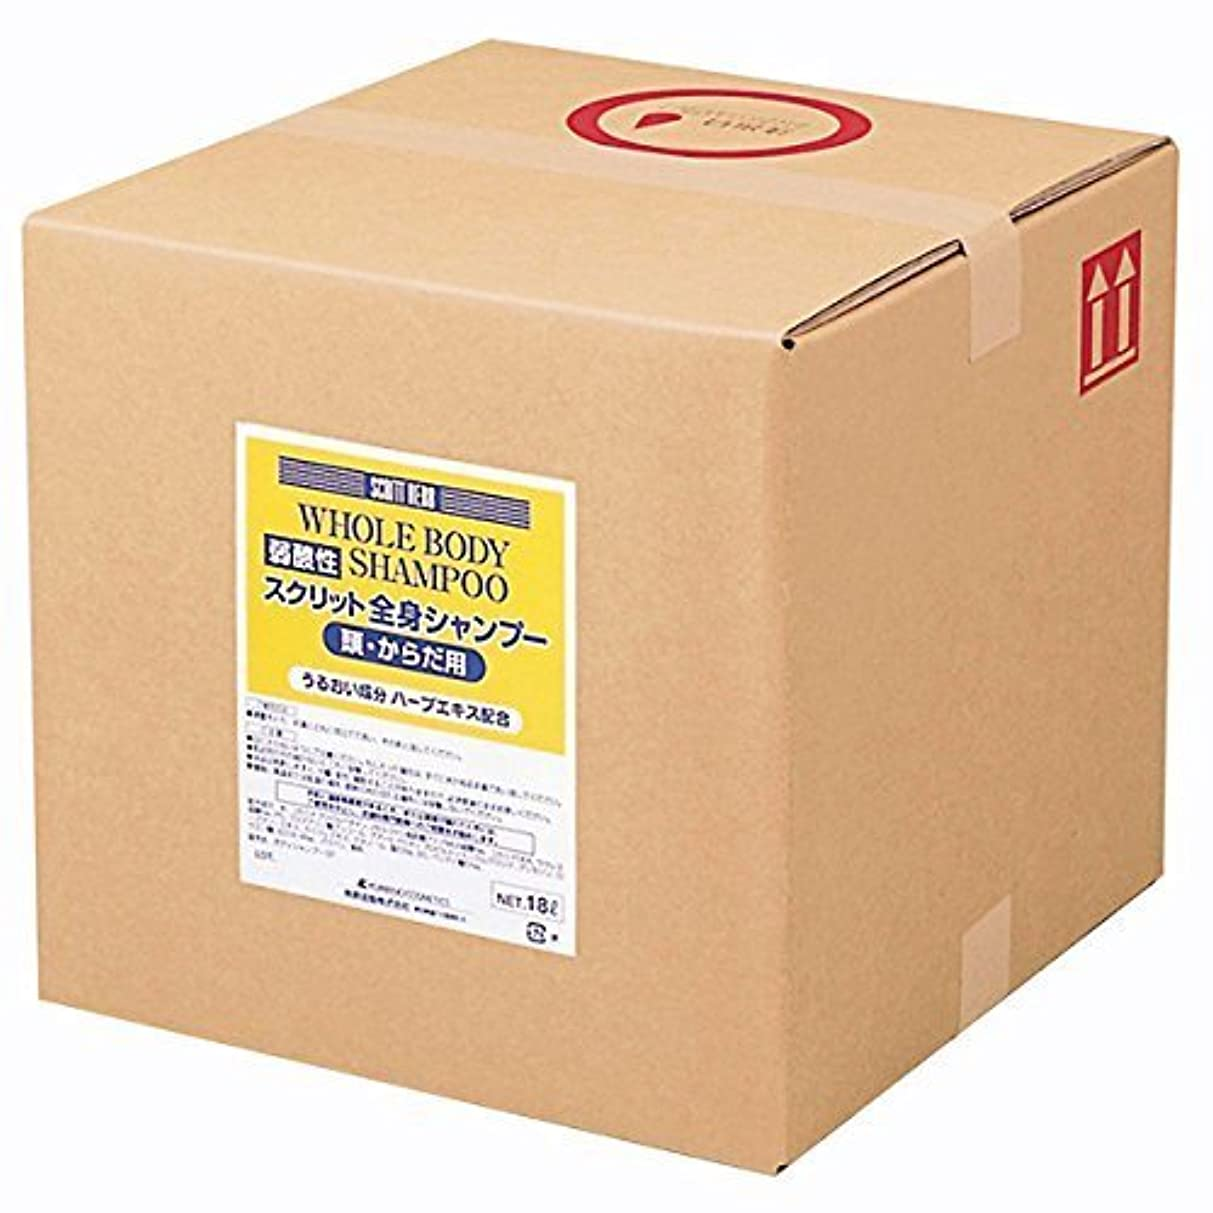 順応性のあるストライプバレーボール業務用 SCRITT(スクリット) 全身シャンプー 18L 熊野油脂 (コック付き)